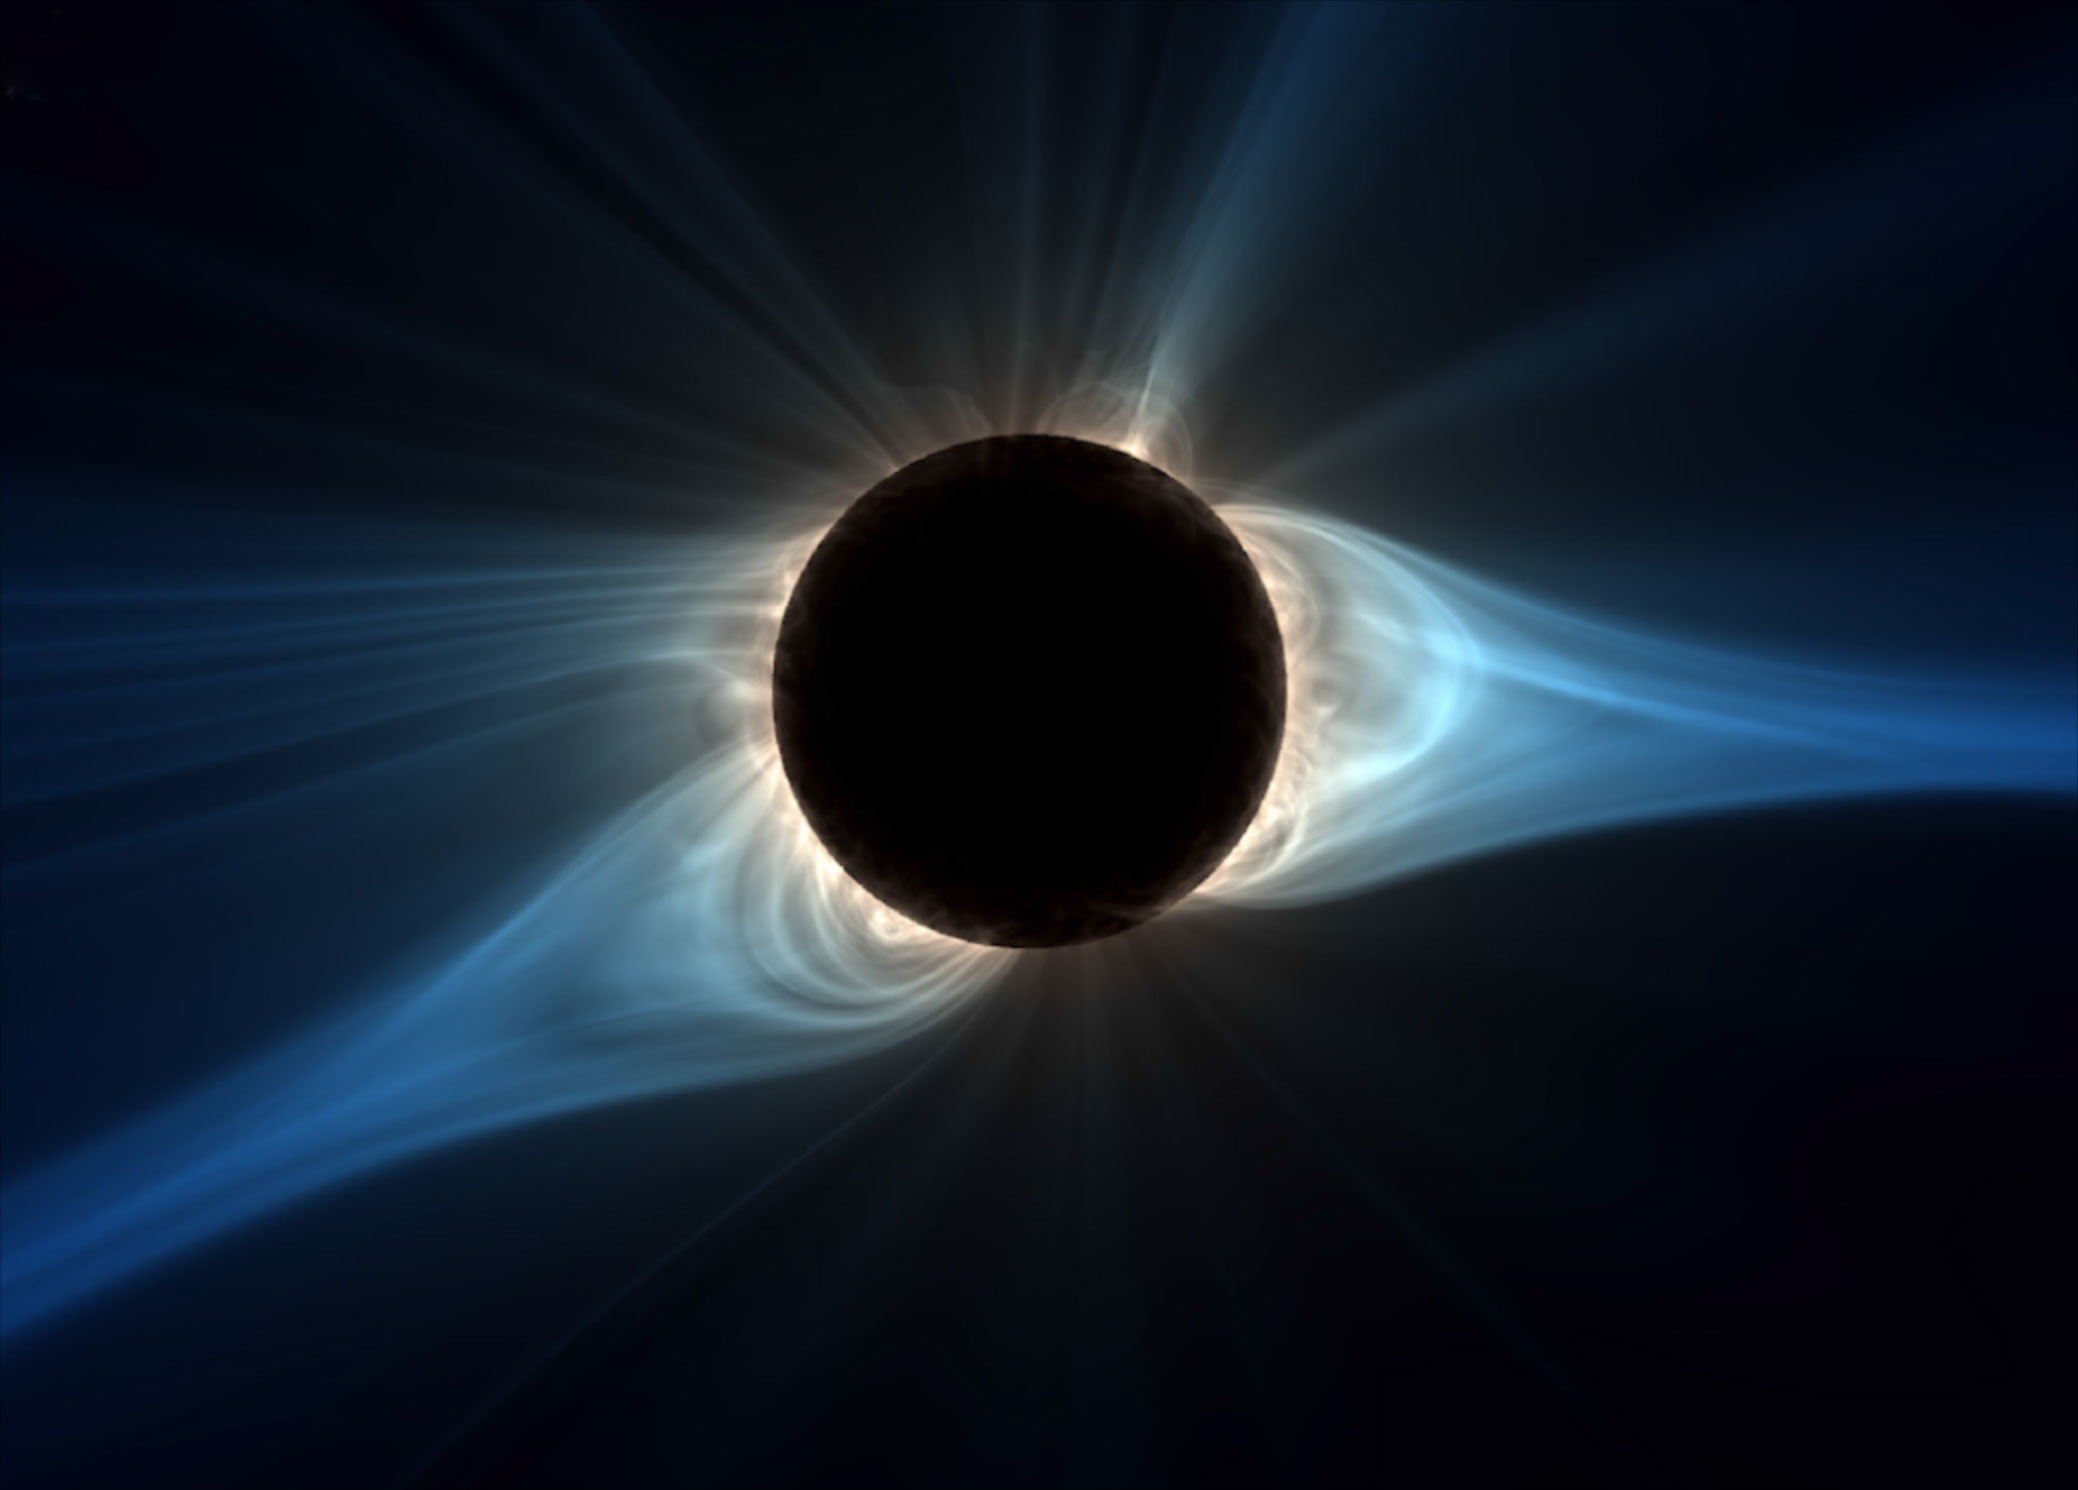 Солнечное затмение – что это, как происходит, когда будет, виды, фото и видео